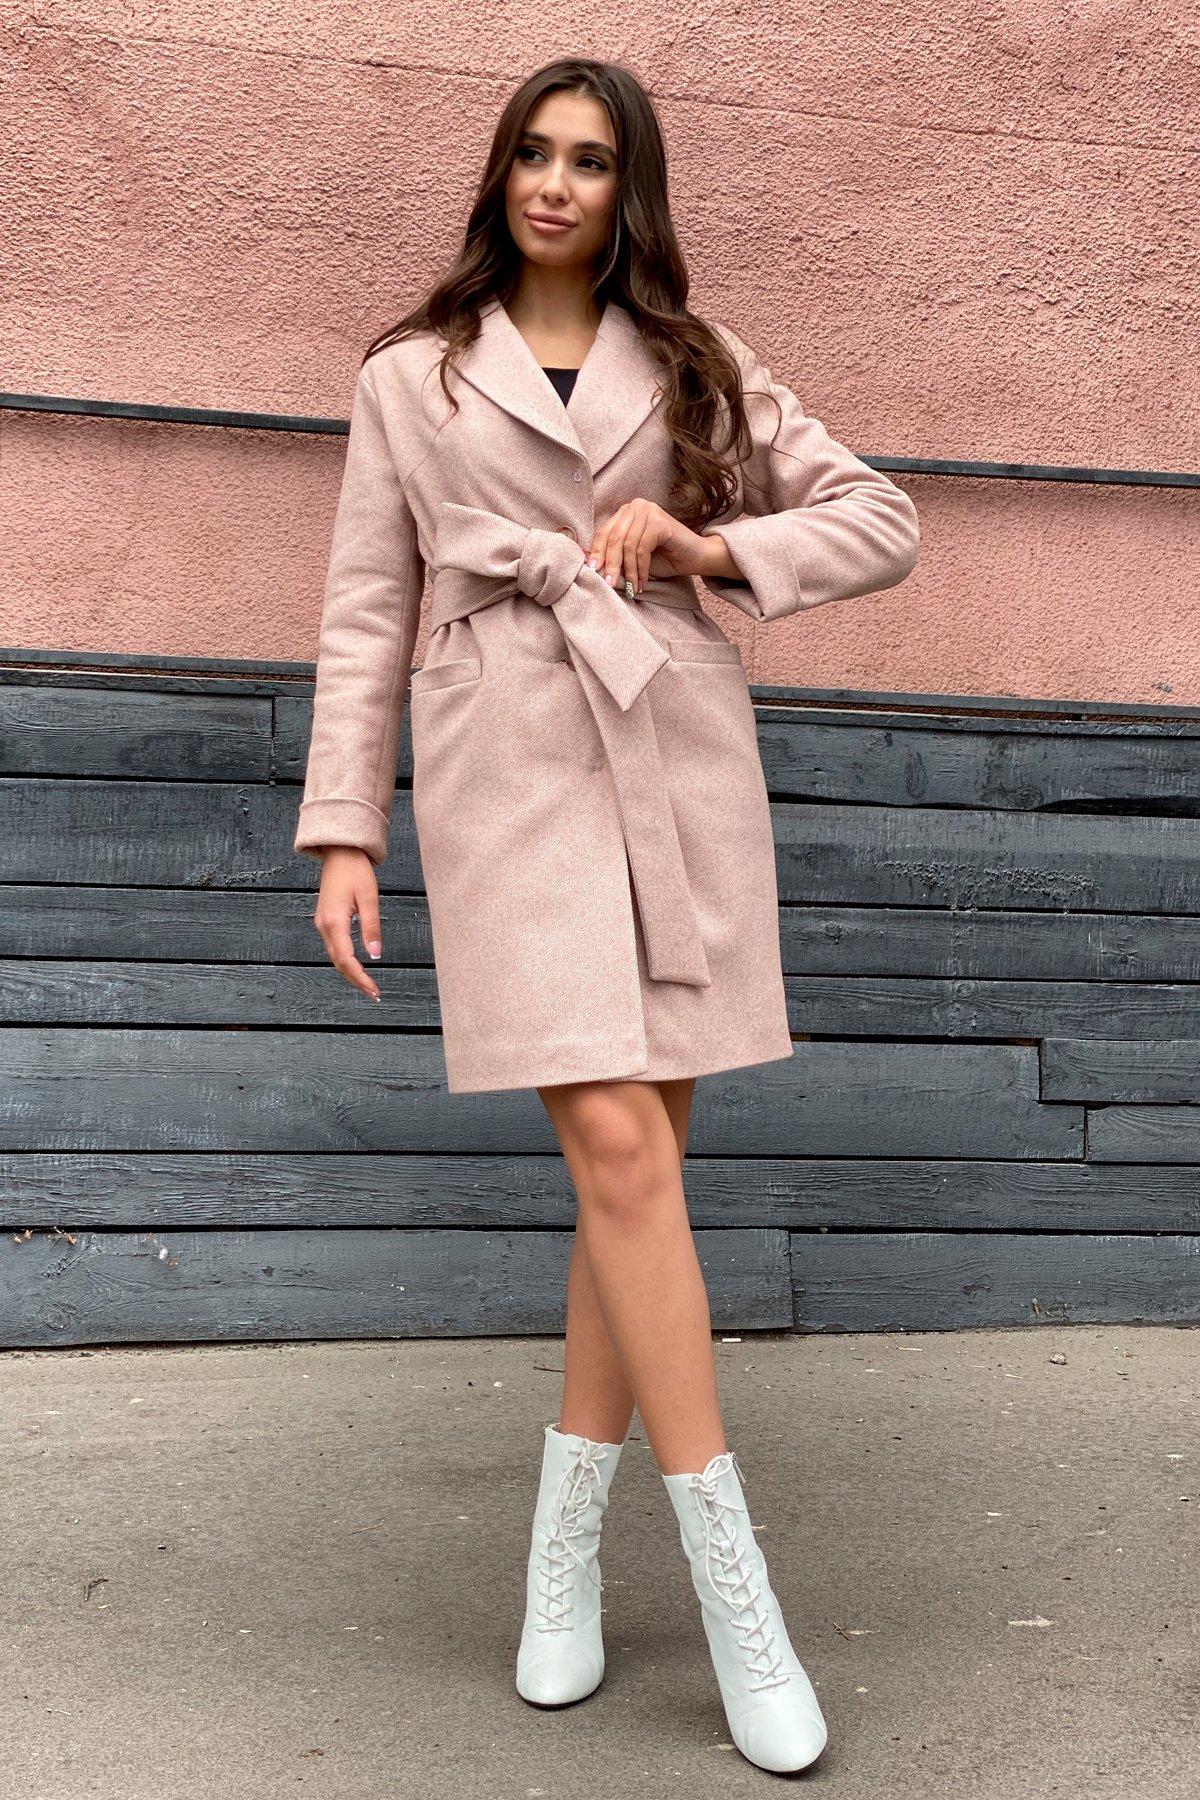 Зимнее утепленное пальто диагональ Вива 8243 АРТ. 44280 Цвет: Бежевый - фото 9, интернет магазин tm-modus.ru